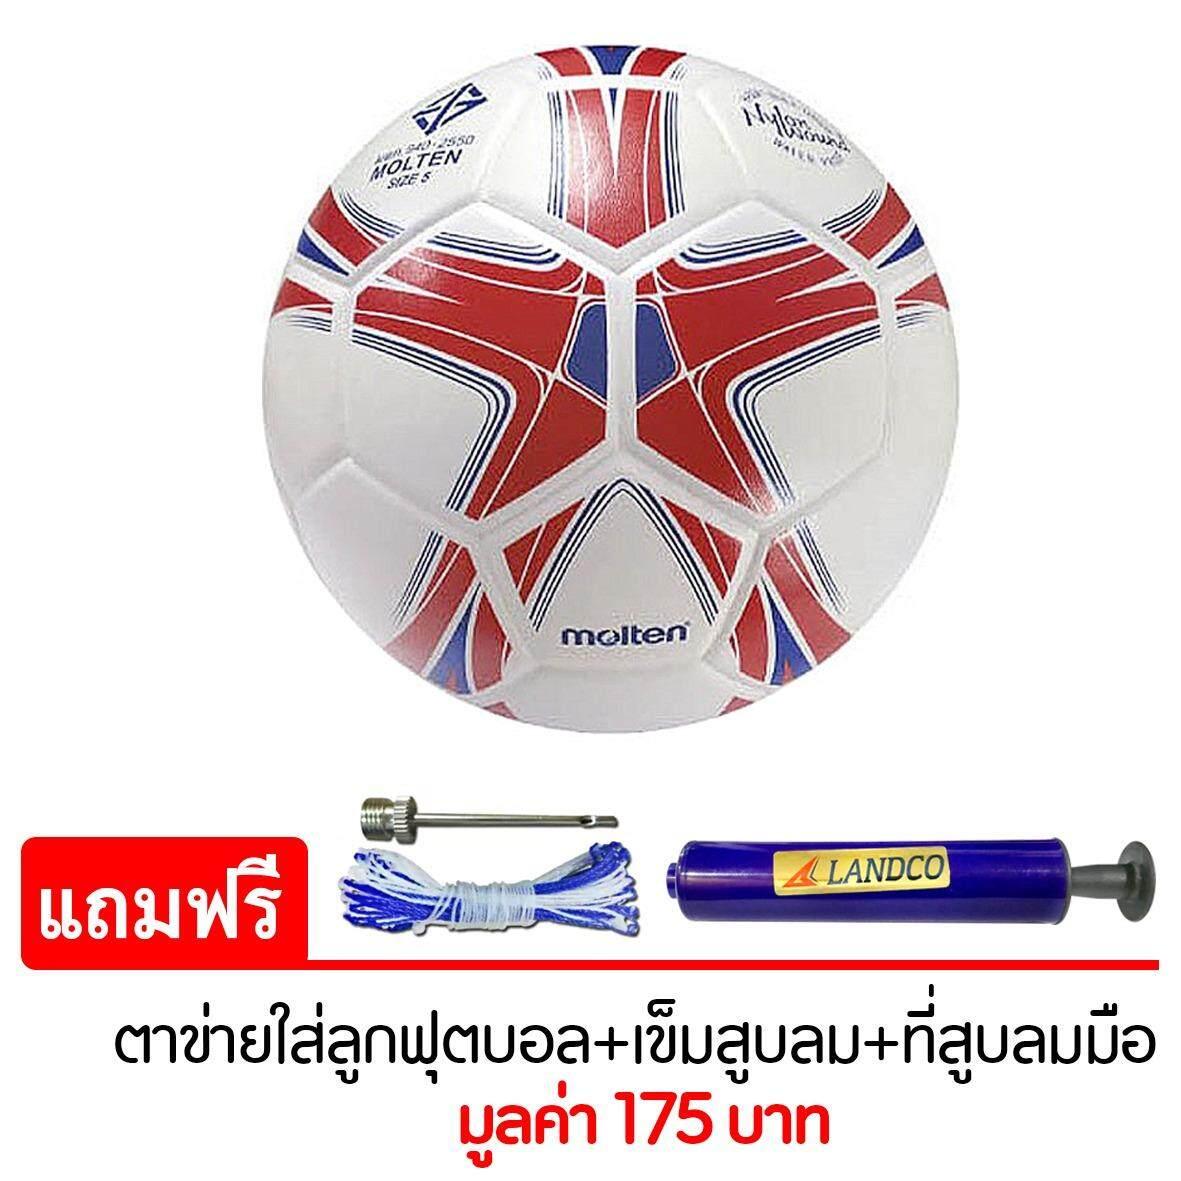 ซื้อ Molten ฟุตบอลFootball Mot Pvc F5Y1505 Wr เบอร์5 แถมฟรี ตาข่ายใส่ลูกฟุตบอล เข็มสูบสูบลม สูบมือ Spl รุ่น Sl6 สีน้ำเงิน Molten ถูก